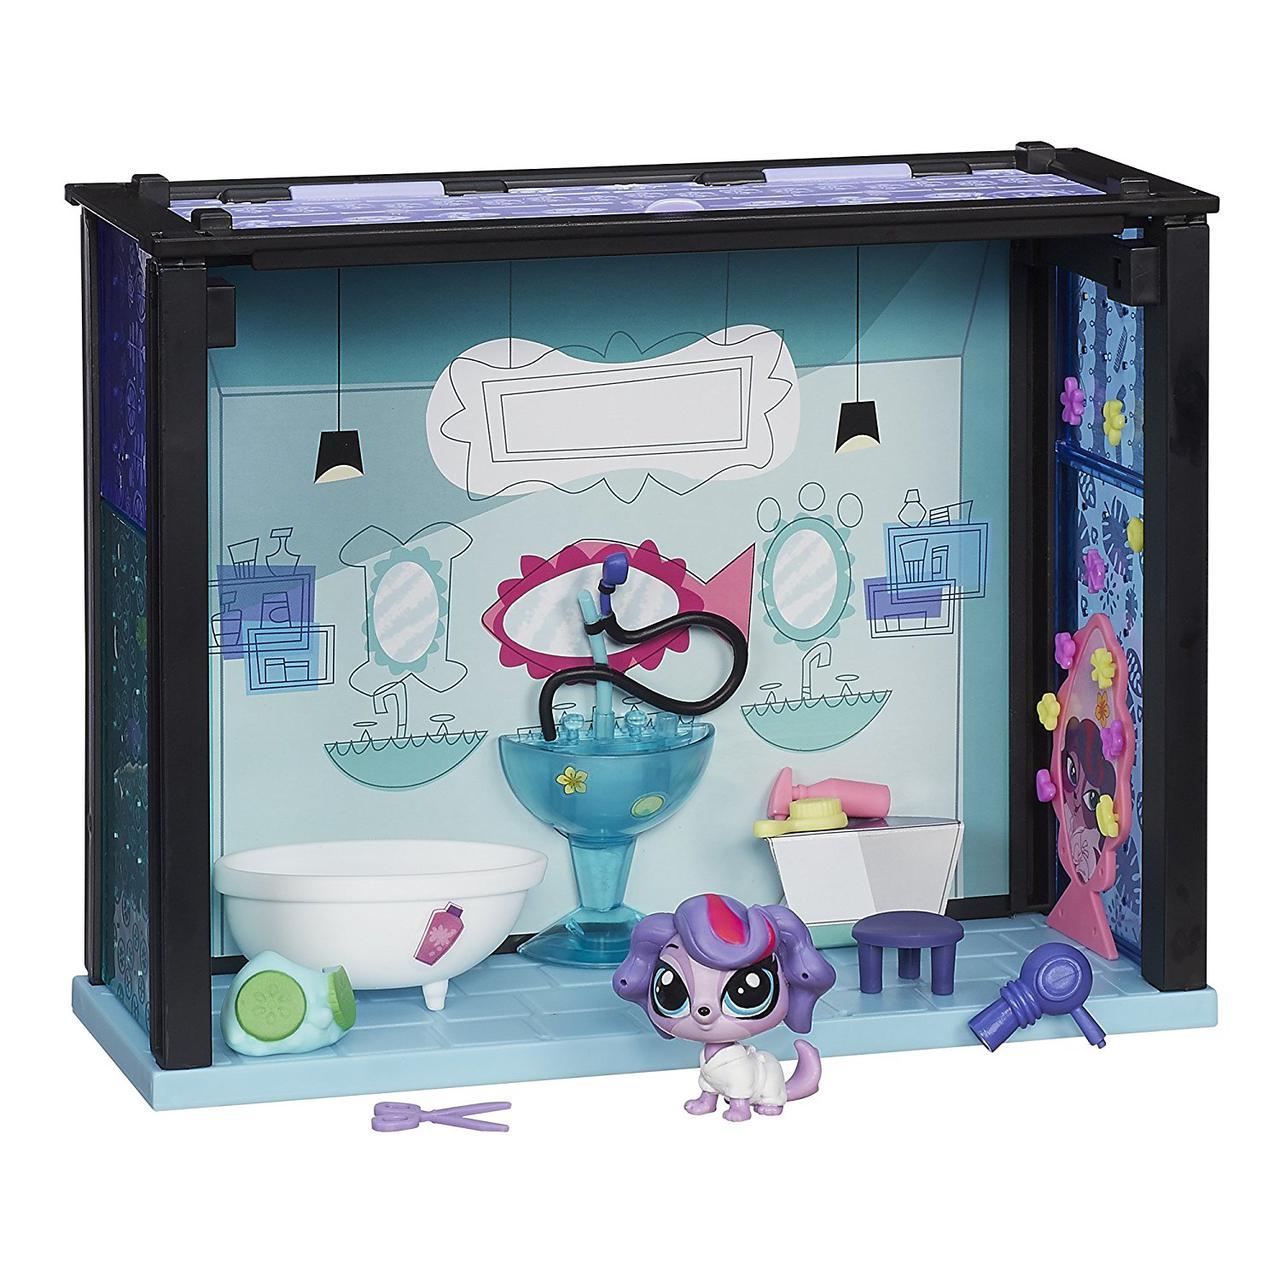 Littlest Pet Shop игровой набор Спа салон Маленький Зоомагазин Spa Style Set